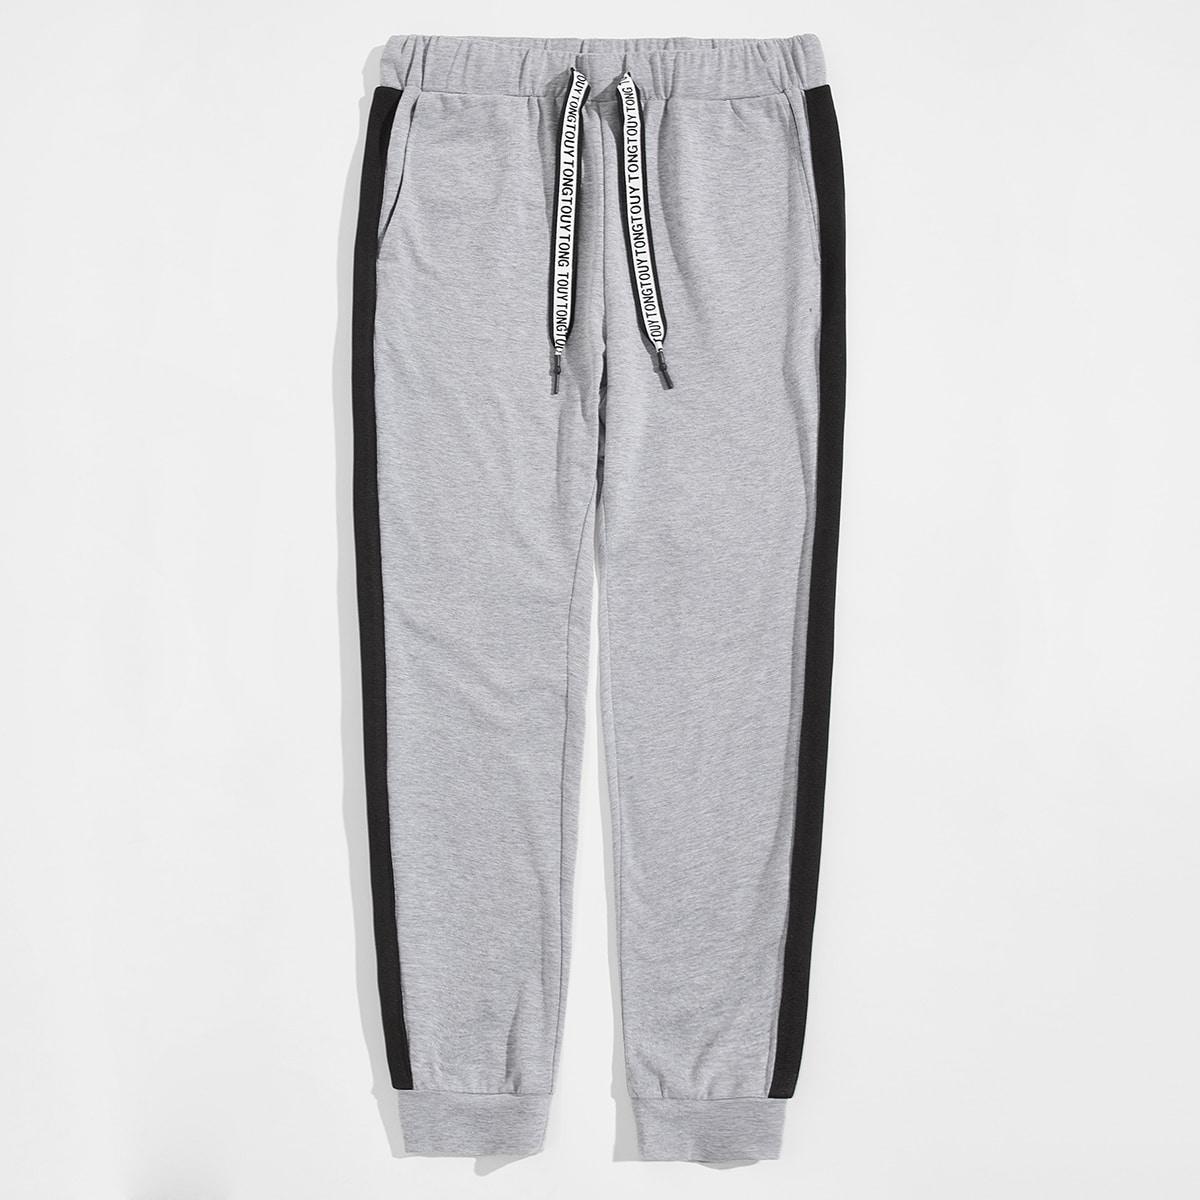 Карман буква институтский мужские брюки